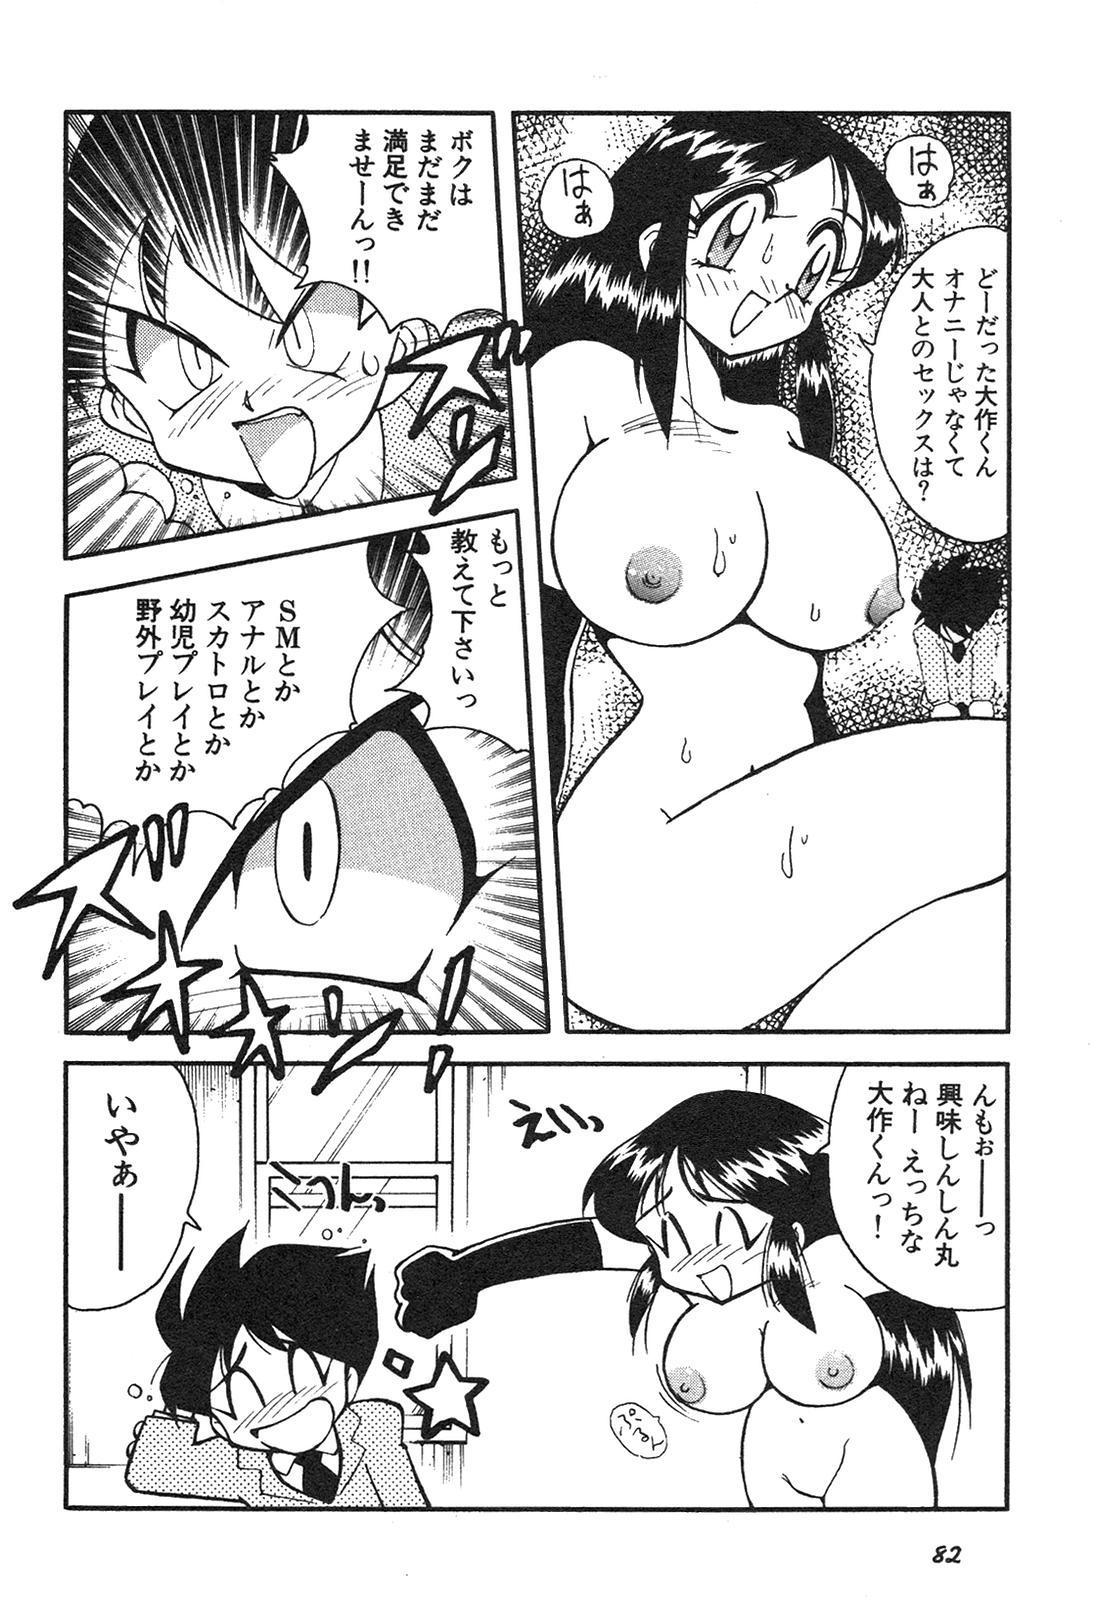 Shin Bishoujo Shoukougun 3 Yamato hen 82